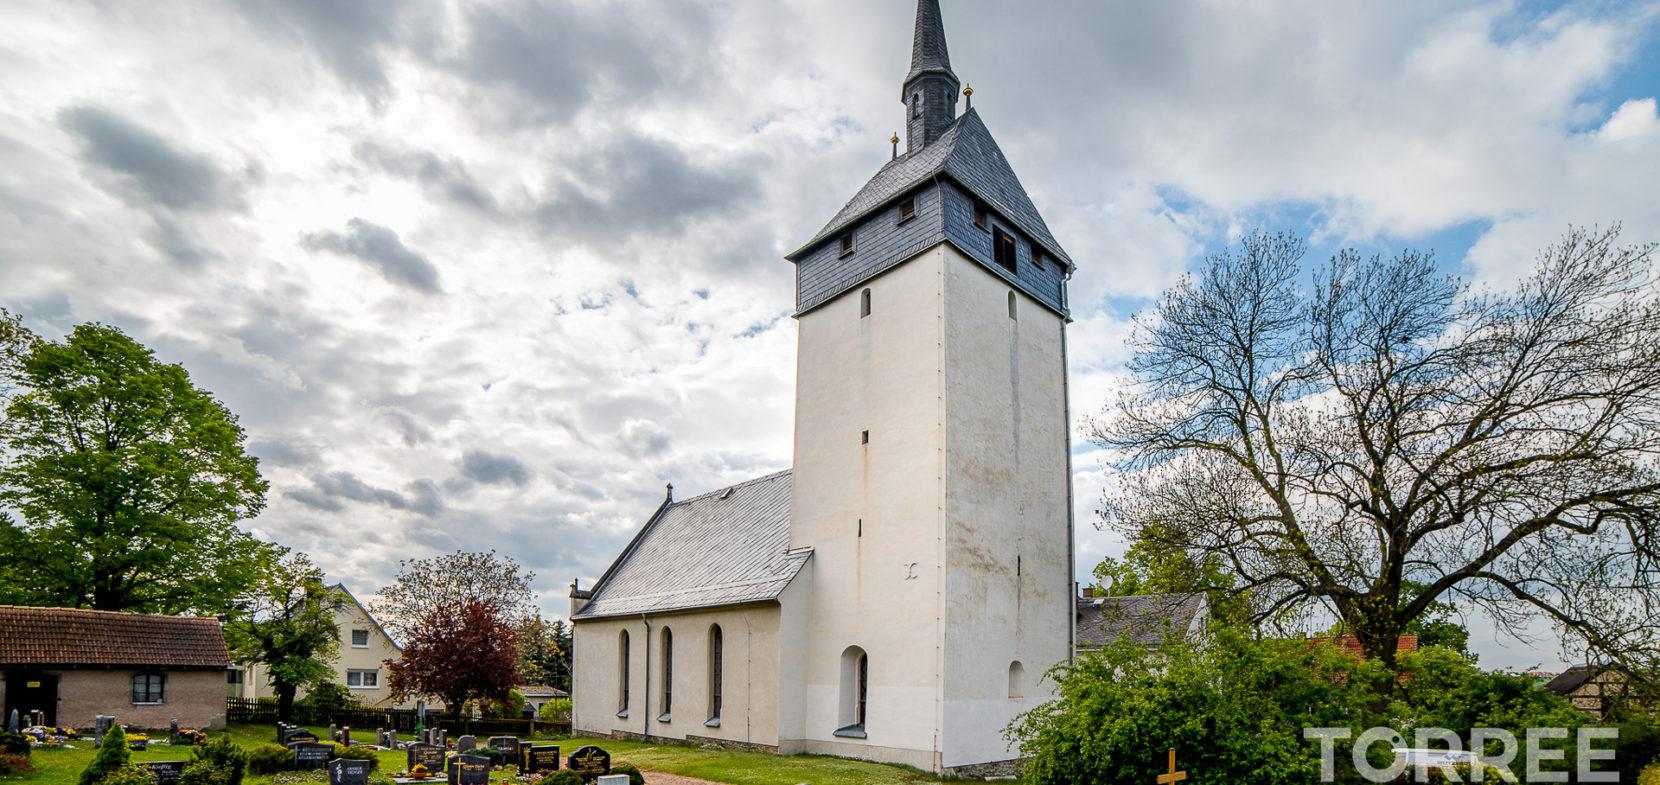 Rottmannsdorfer Kirche